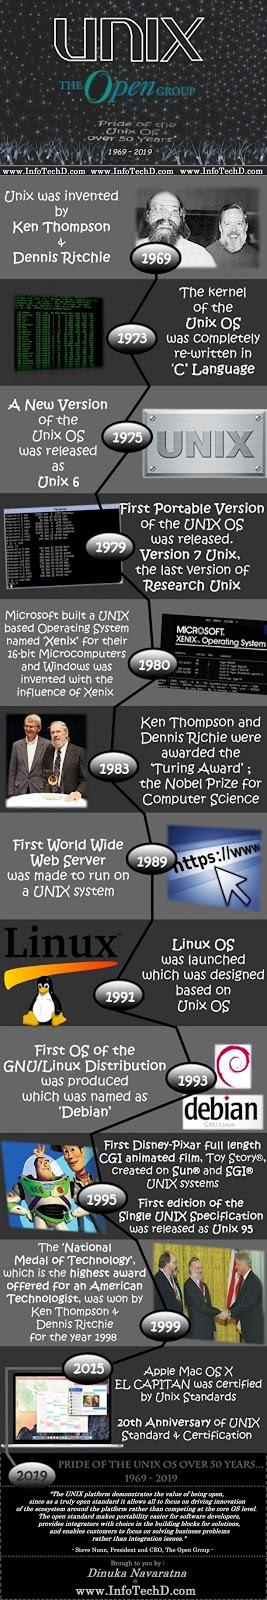 UNIX OS Infographic by Dinuka Navaratna - InfoTechD.com